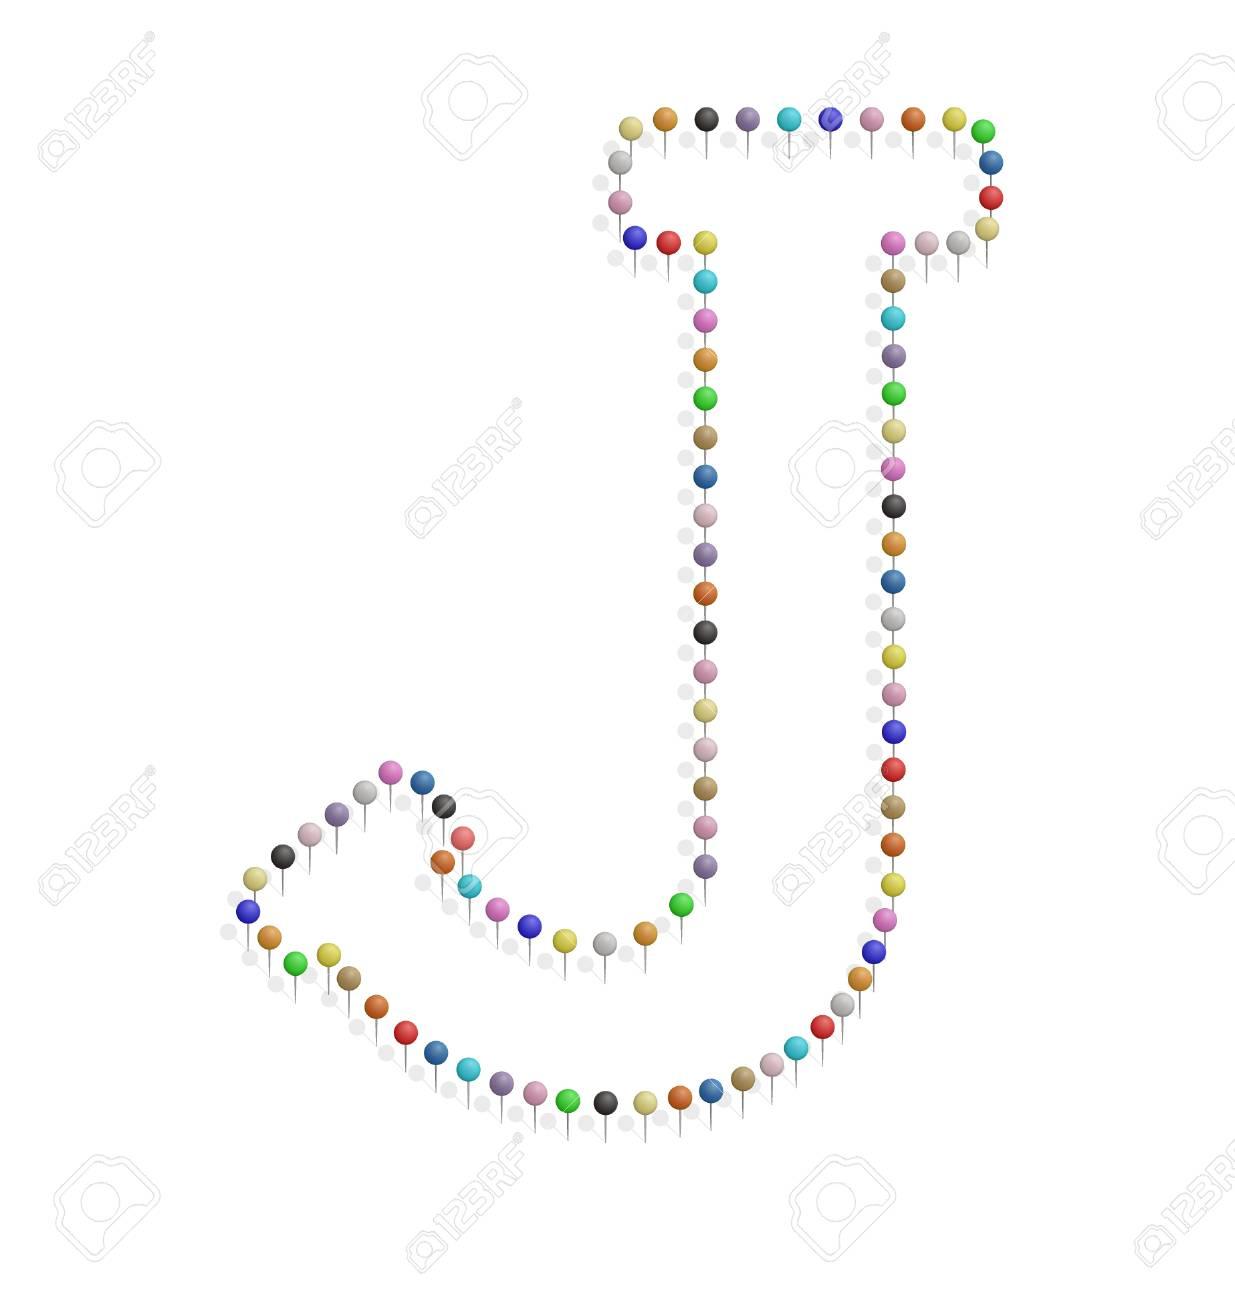 プッシュピンで作成した J レターのイラストのイラスト素材ベクタ